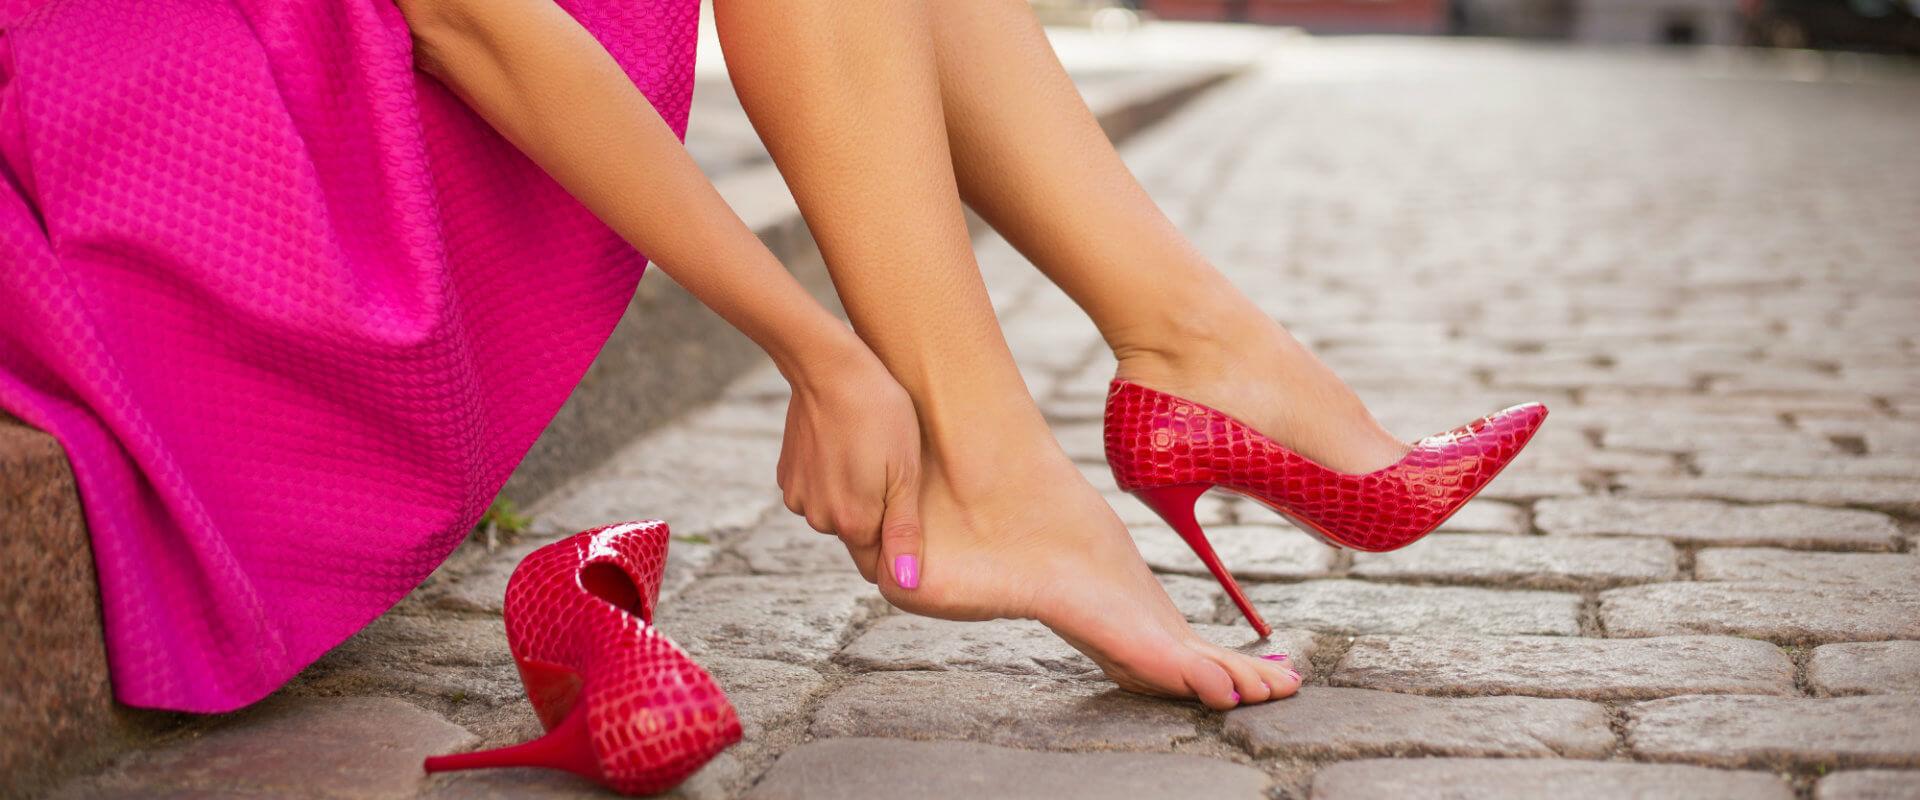 Así dañan los zapatos de tacón a tus pies